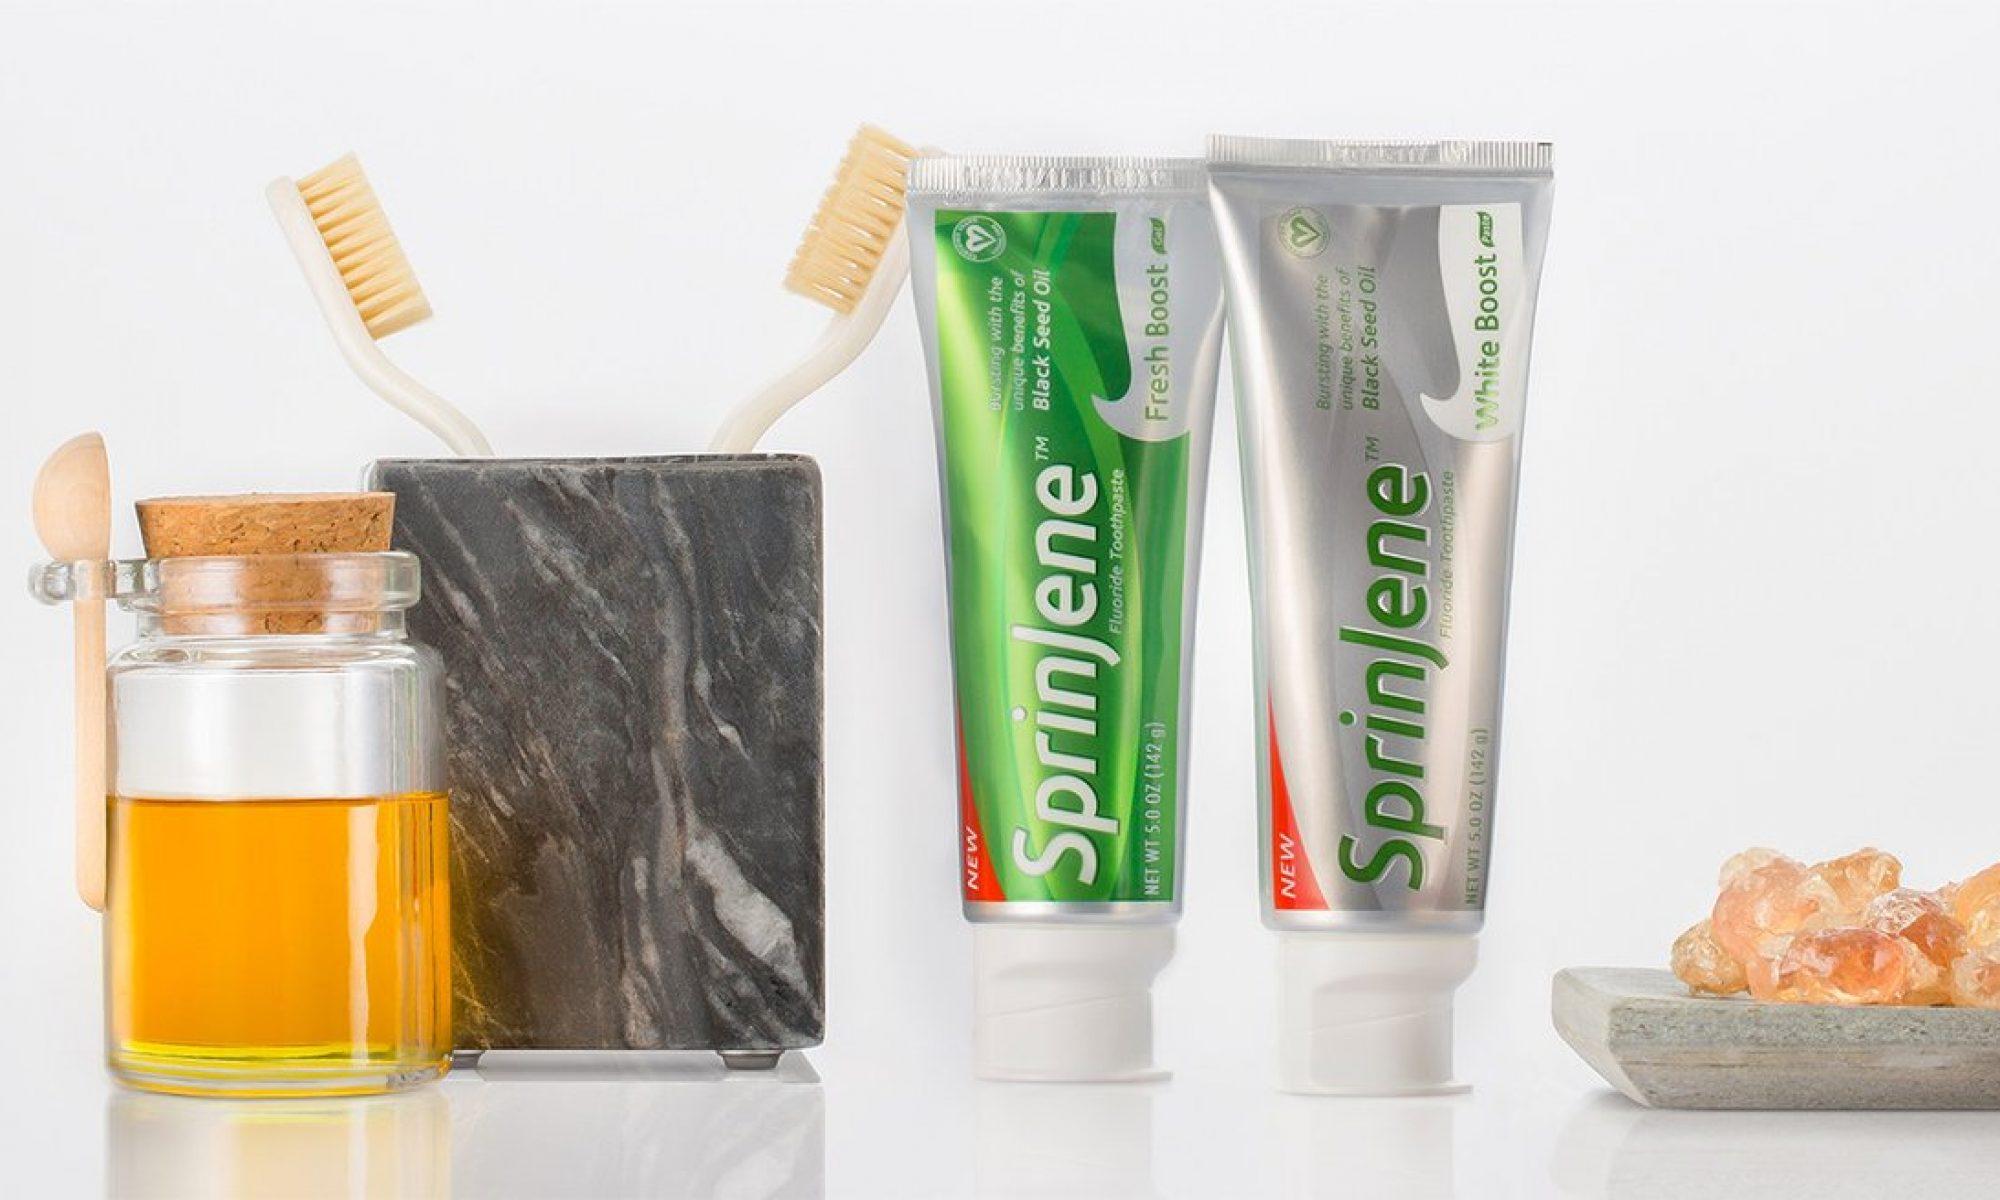 سبرينجين | أفضل معجون أسنان تم تطويره بعناية و دقة متناهية